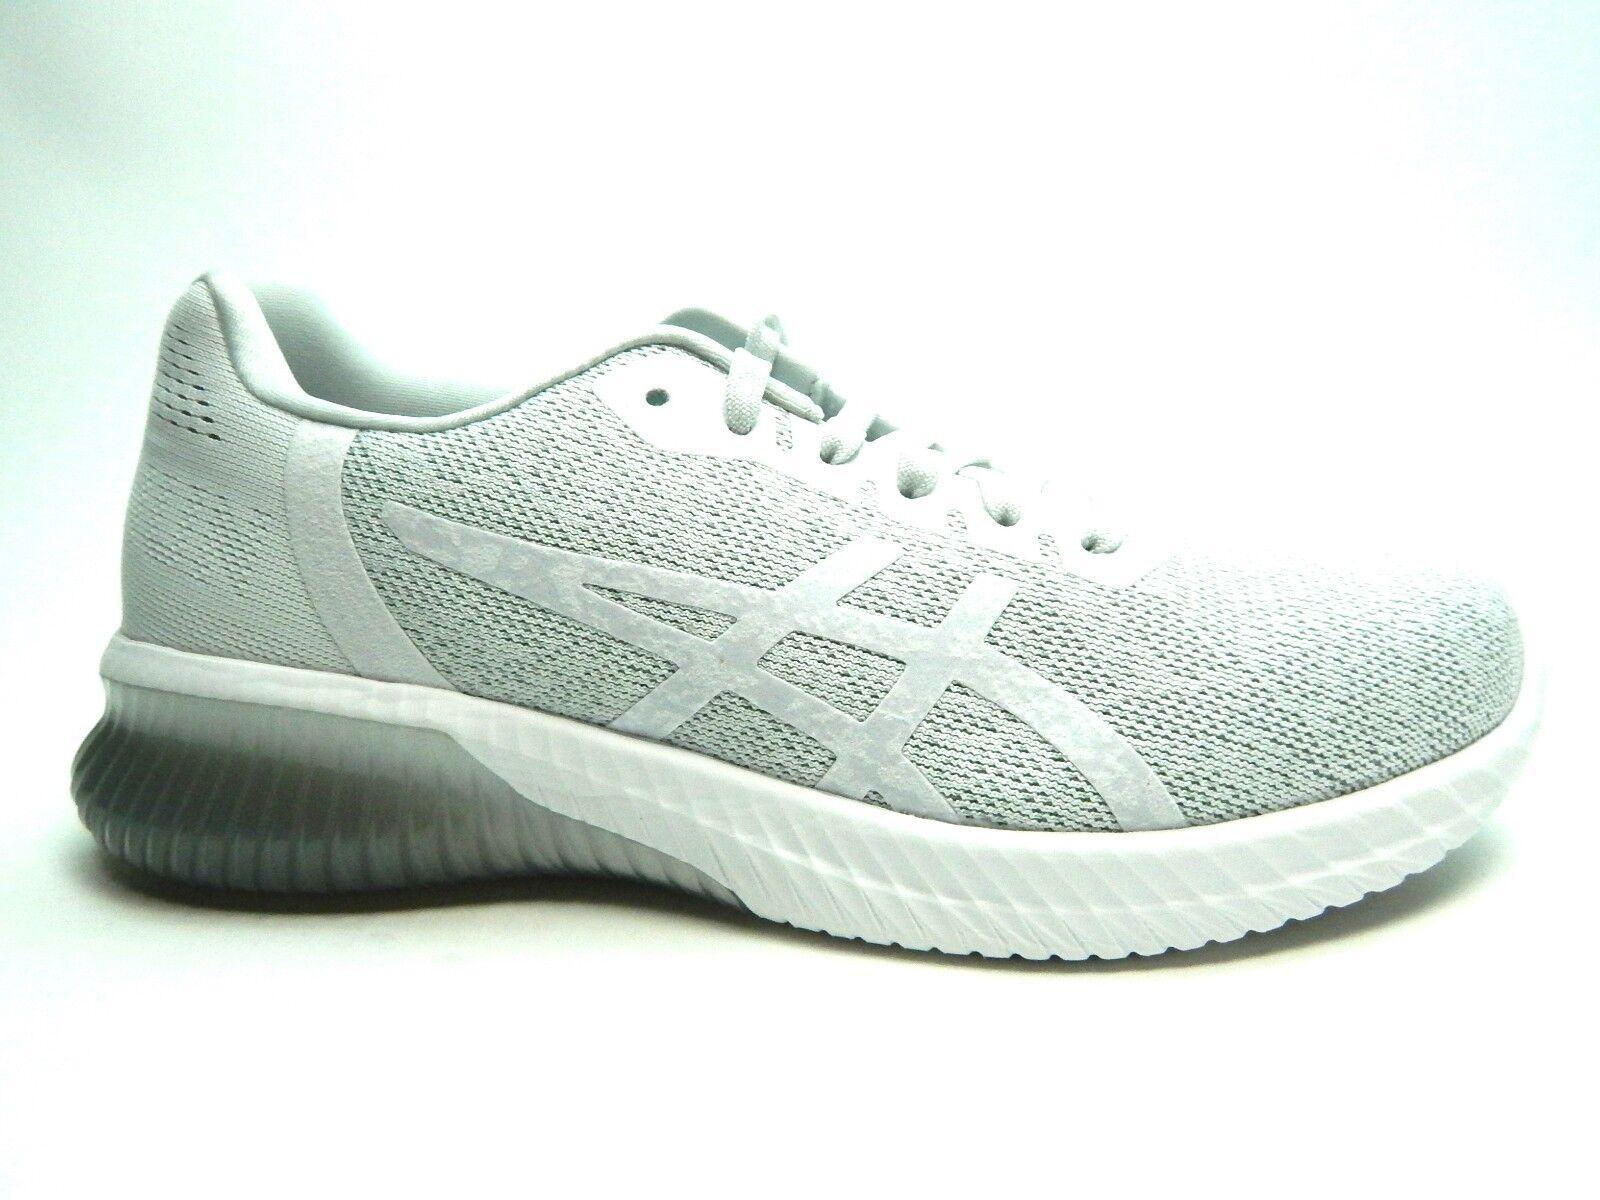 Asics Gel kenun kenun kenun T7C9N 0101 blancoo Glaciar verde Mujeres Zapatos Talla 6.5 a 8.5  selección larga